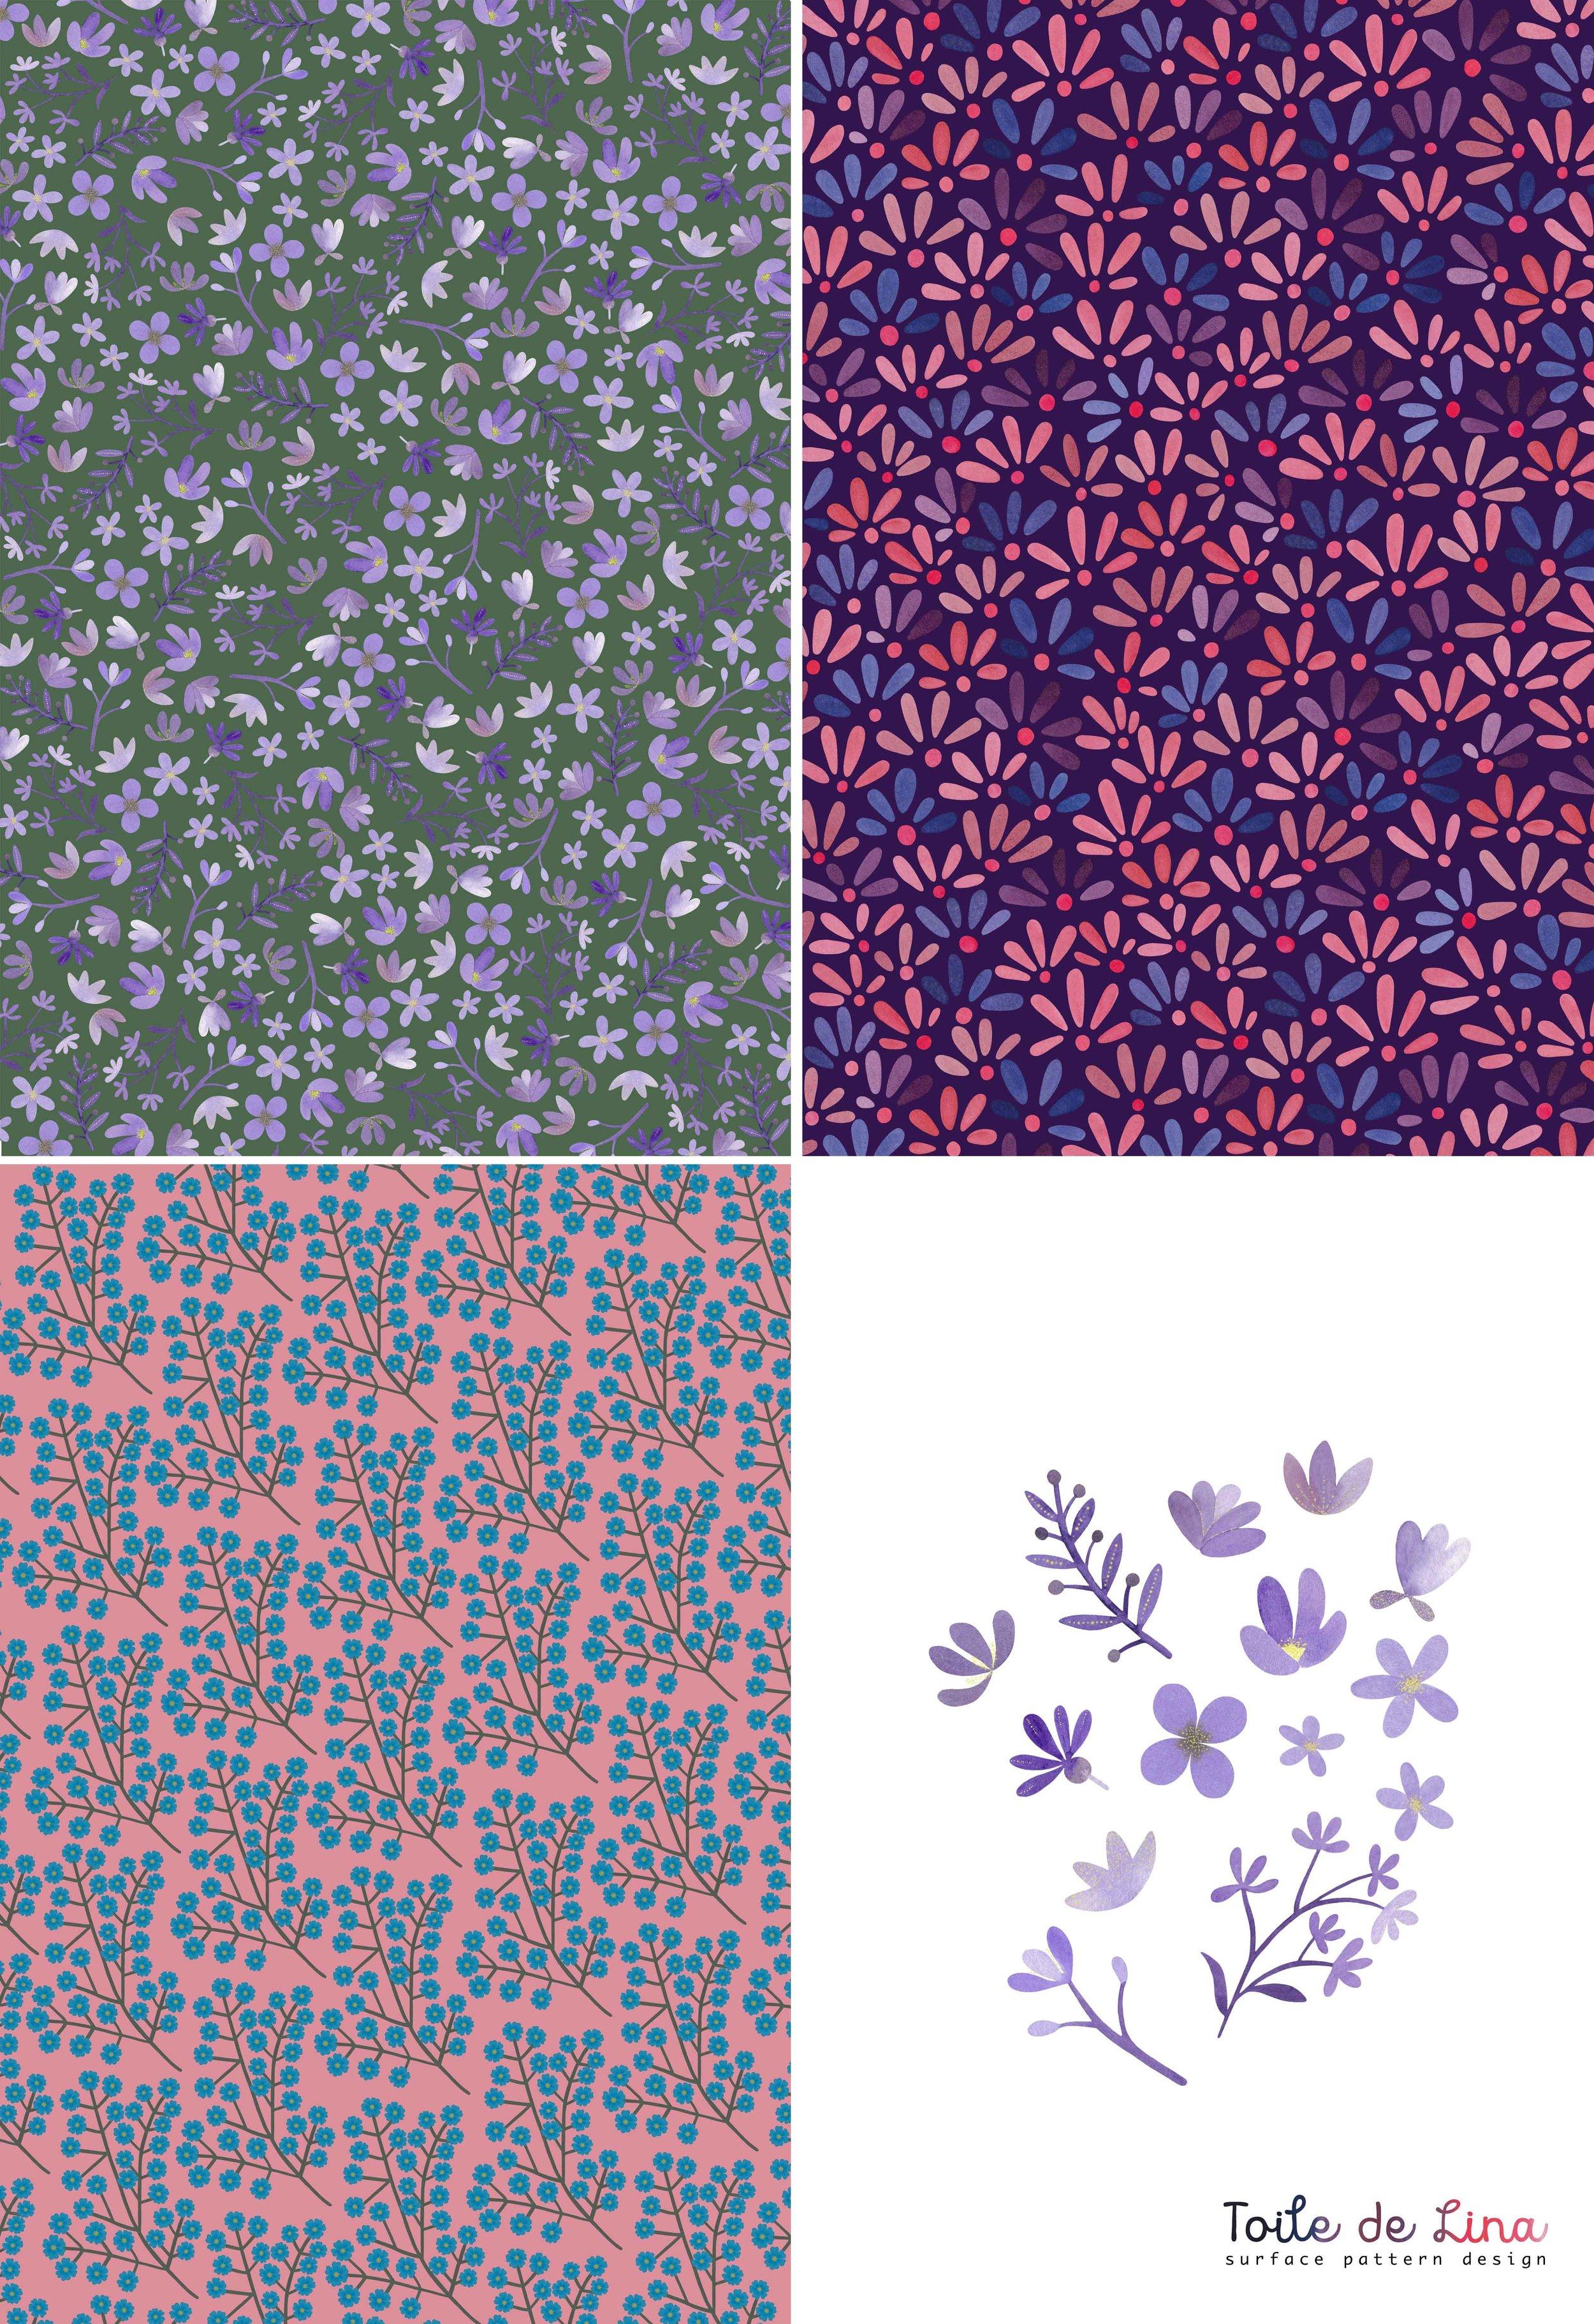 ditsy florals copy.jpg